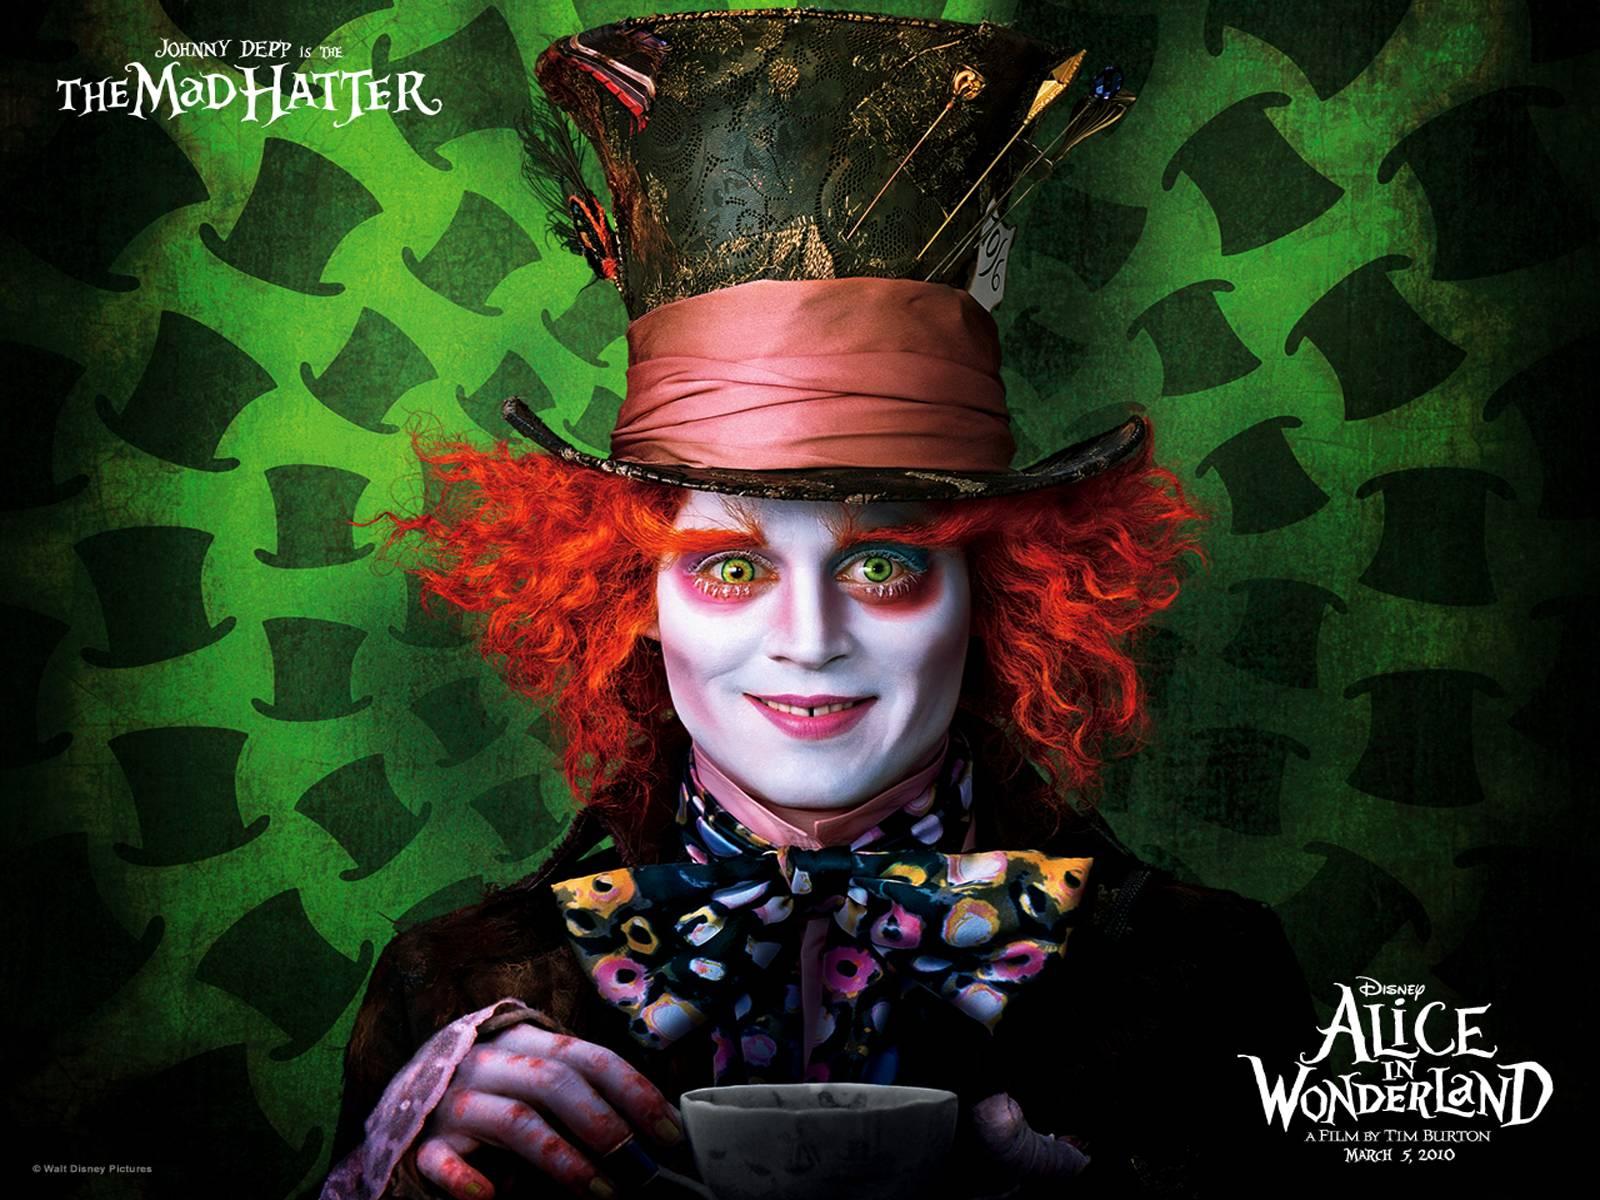 Hatter Wonderland Alice Movies